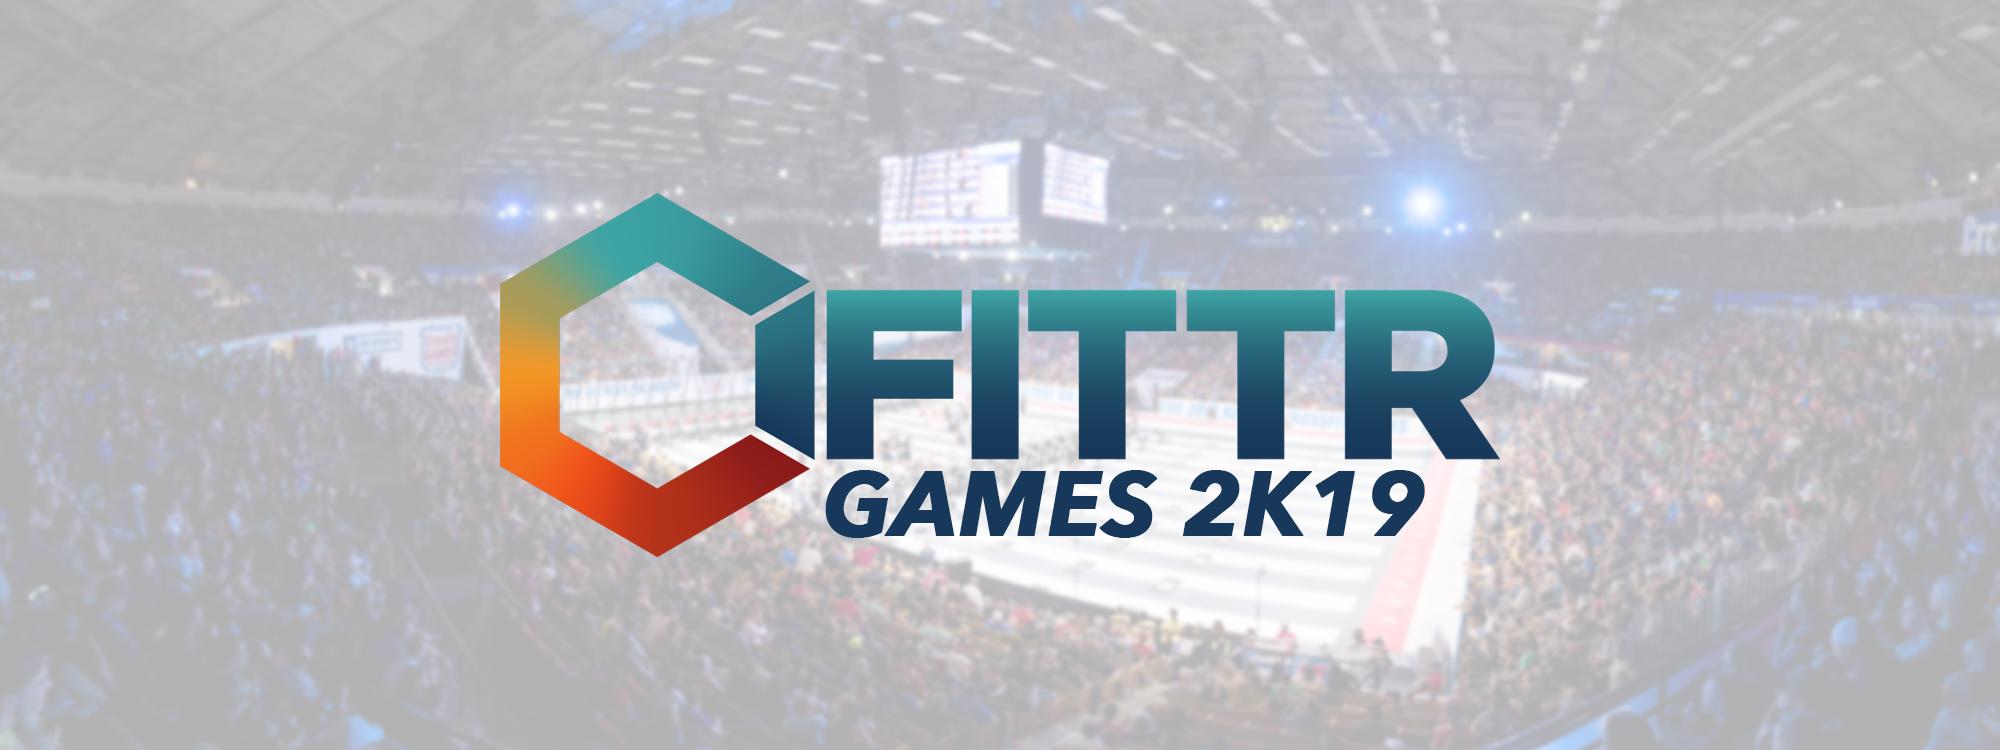 FITTR Games 2k19 hero